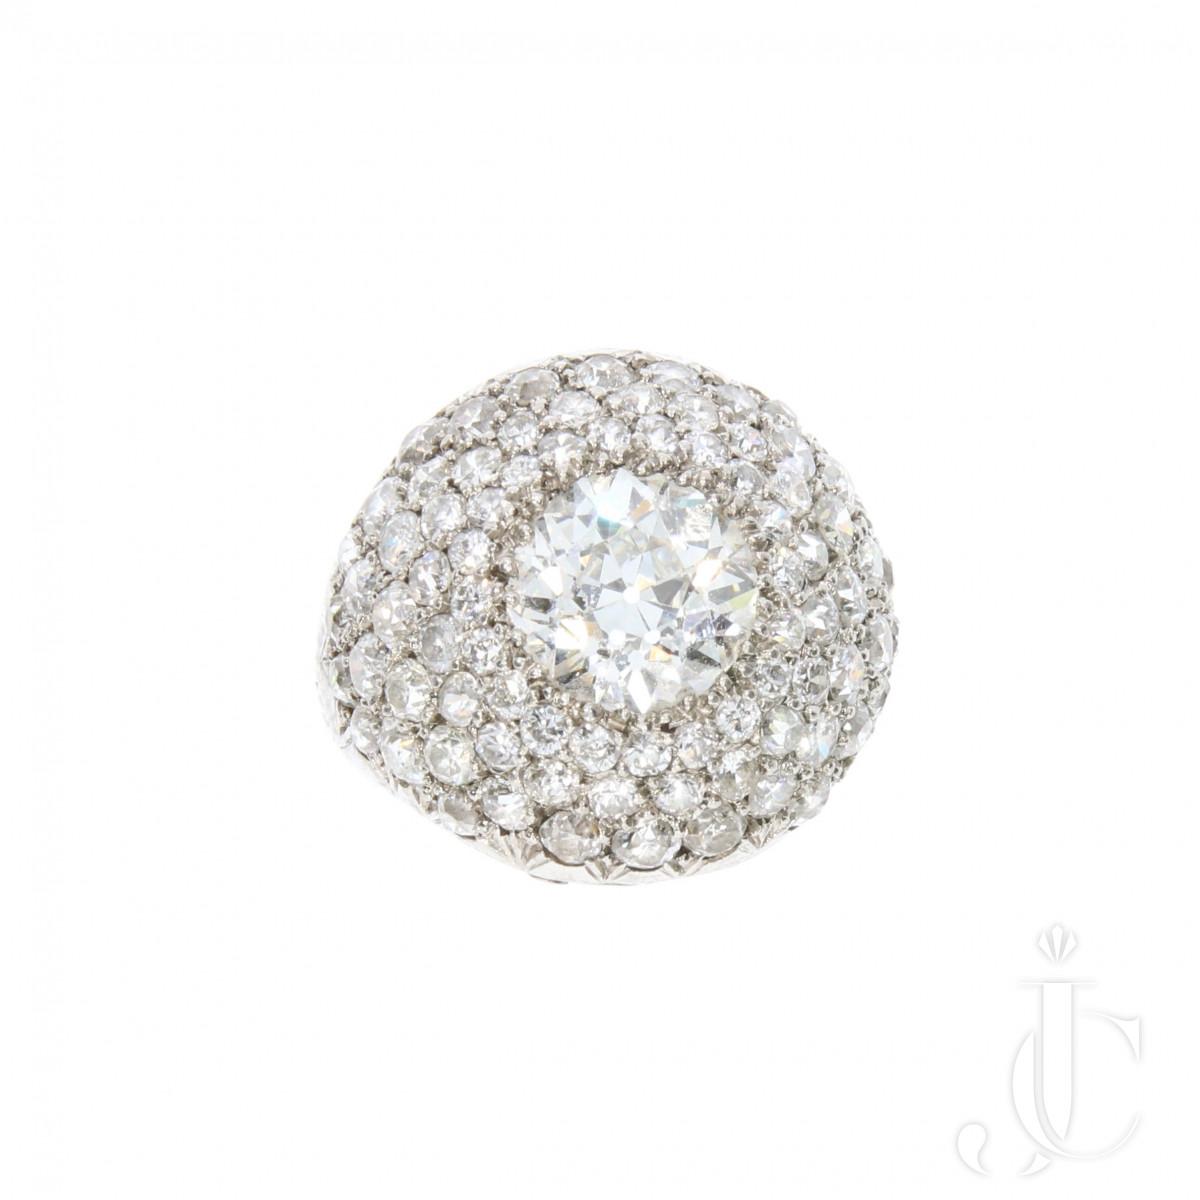 Diamond Bombé Ring